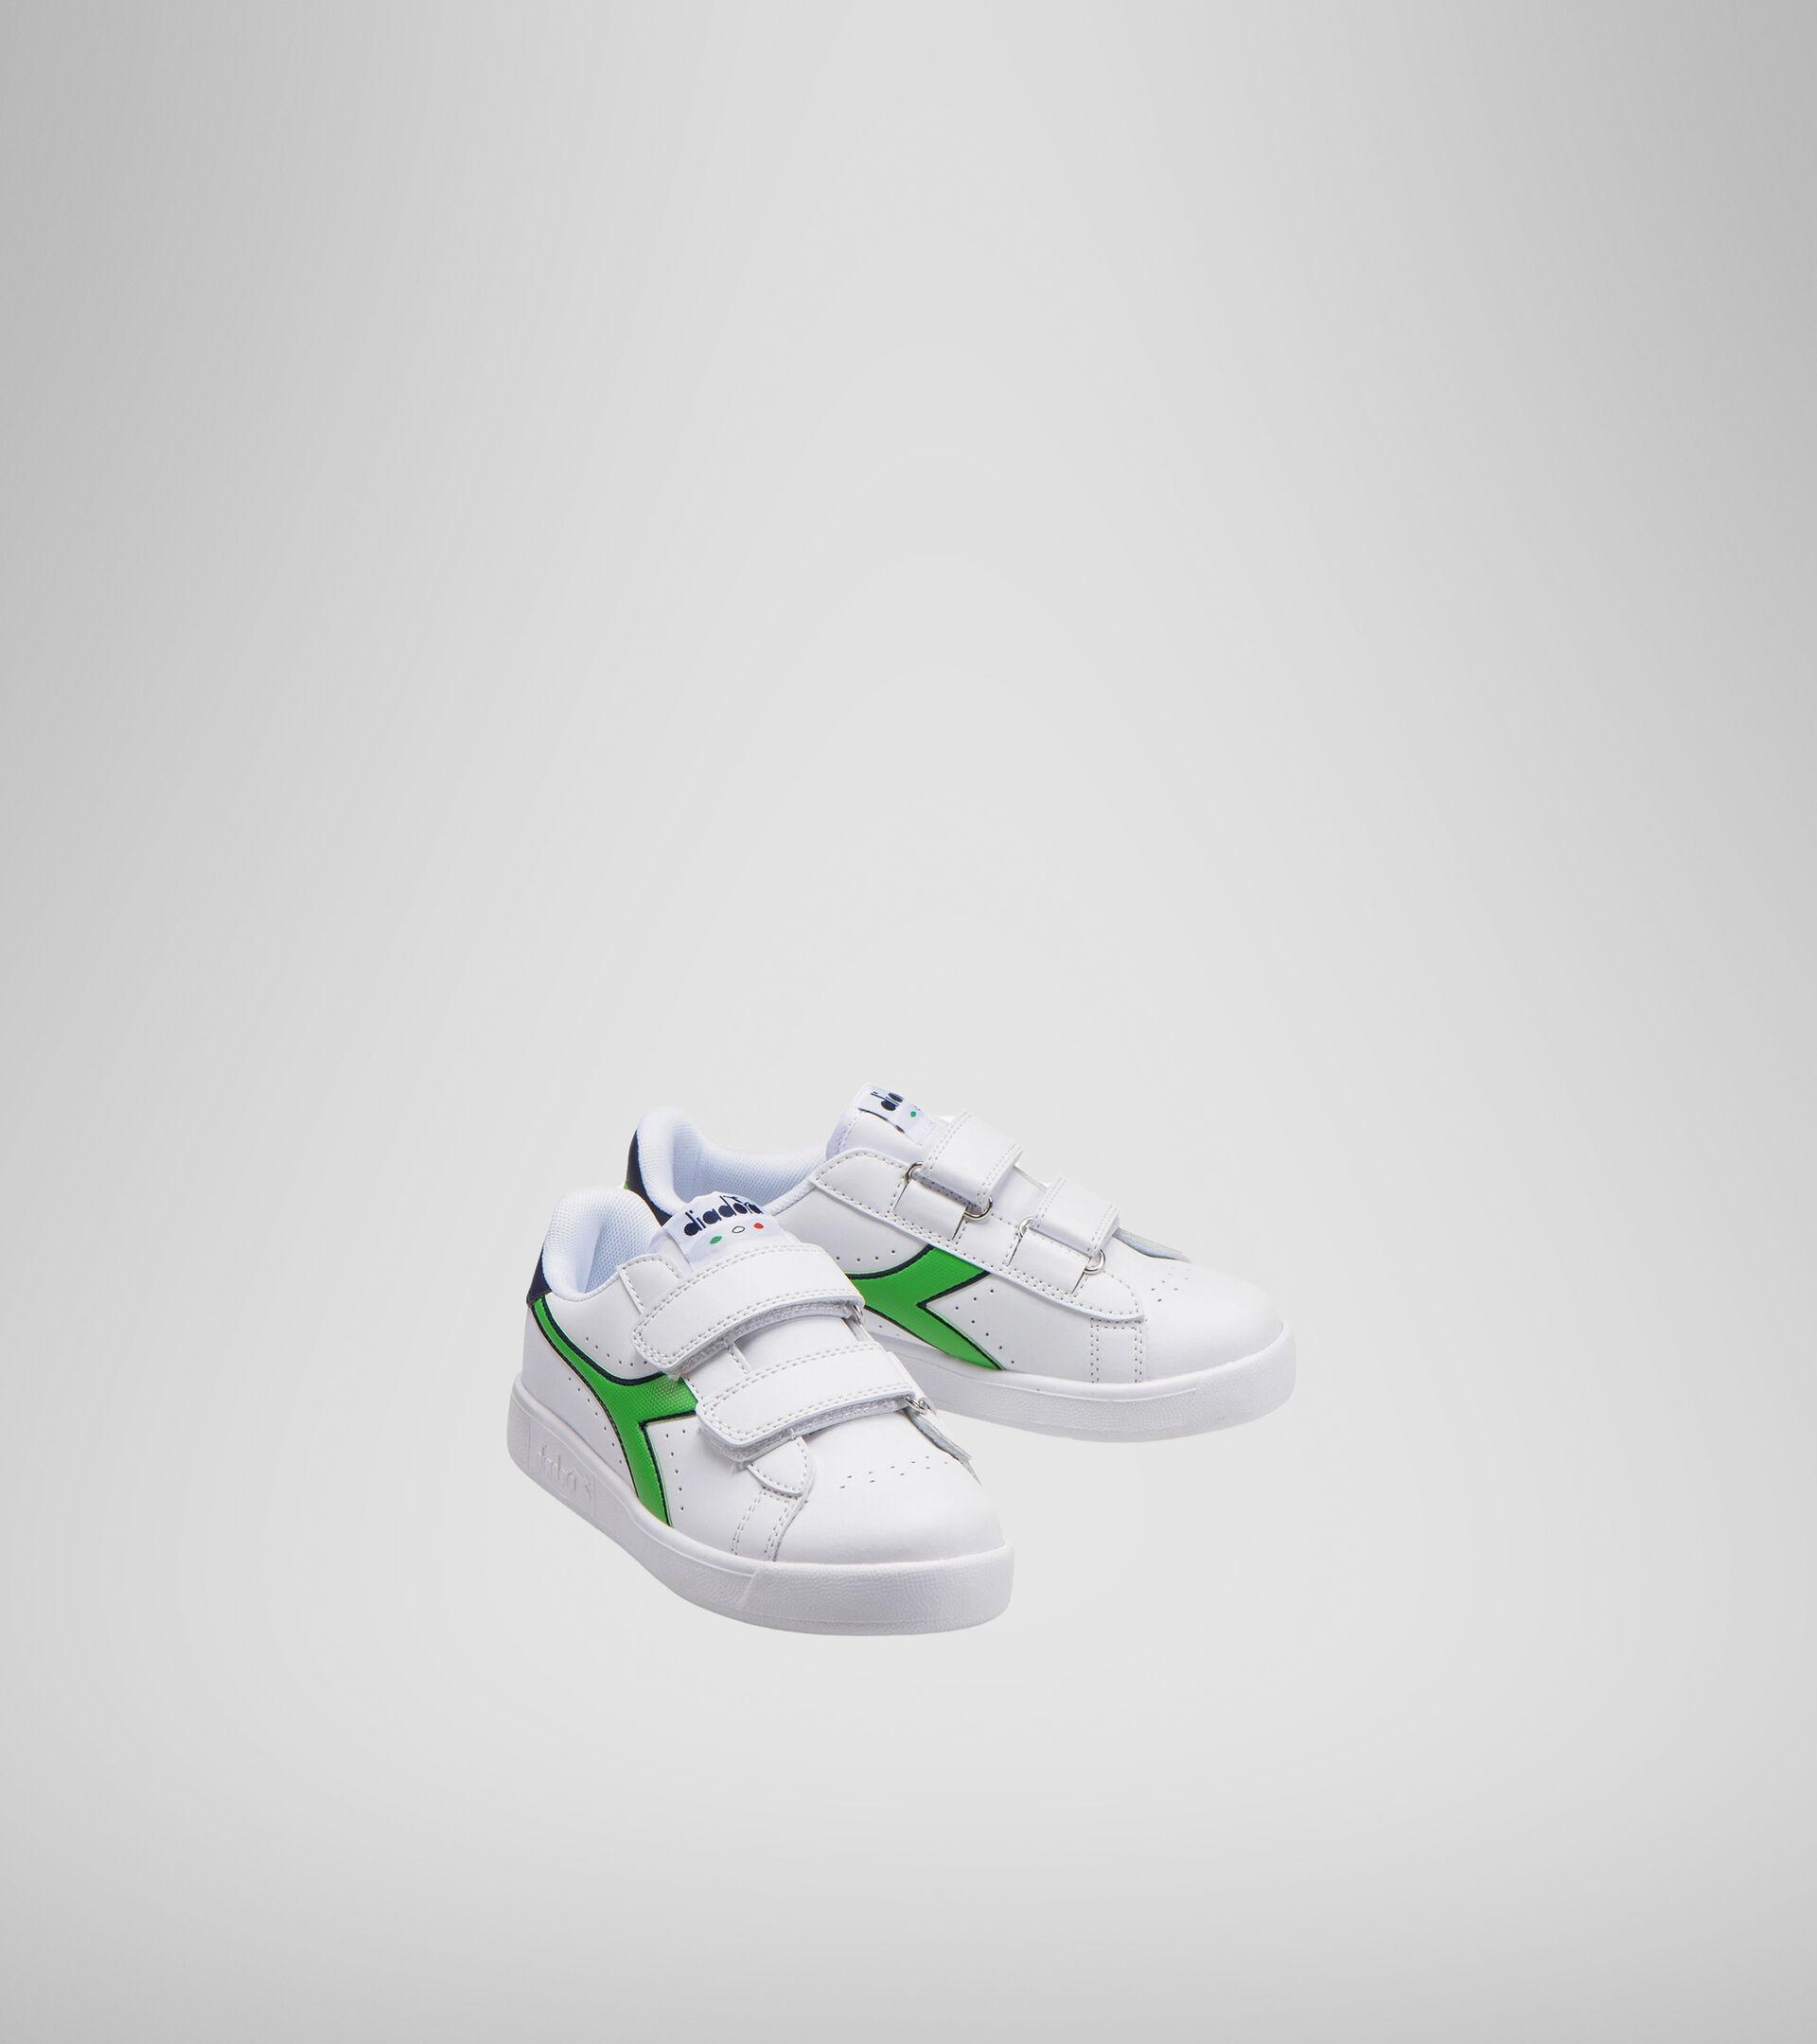 Chaussures de sport - Enfants 4-8 ans GAME P PS BLC/NOIR IRIS/VERT CLASSIQUE - Diadora